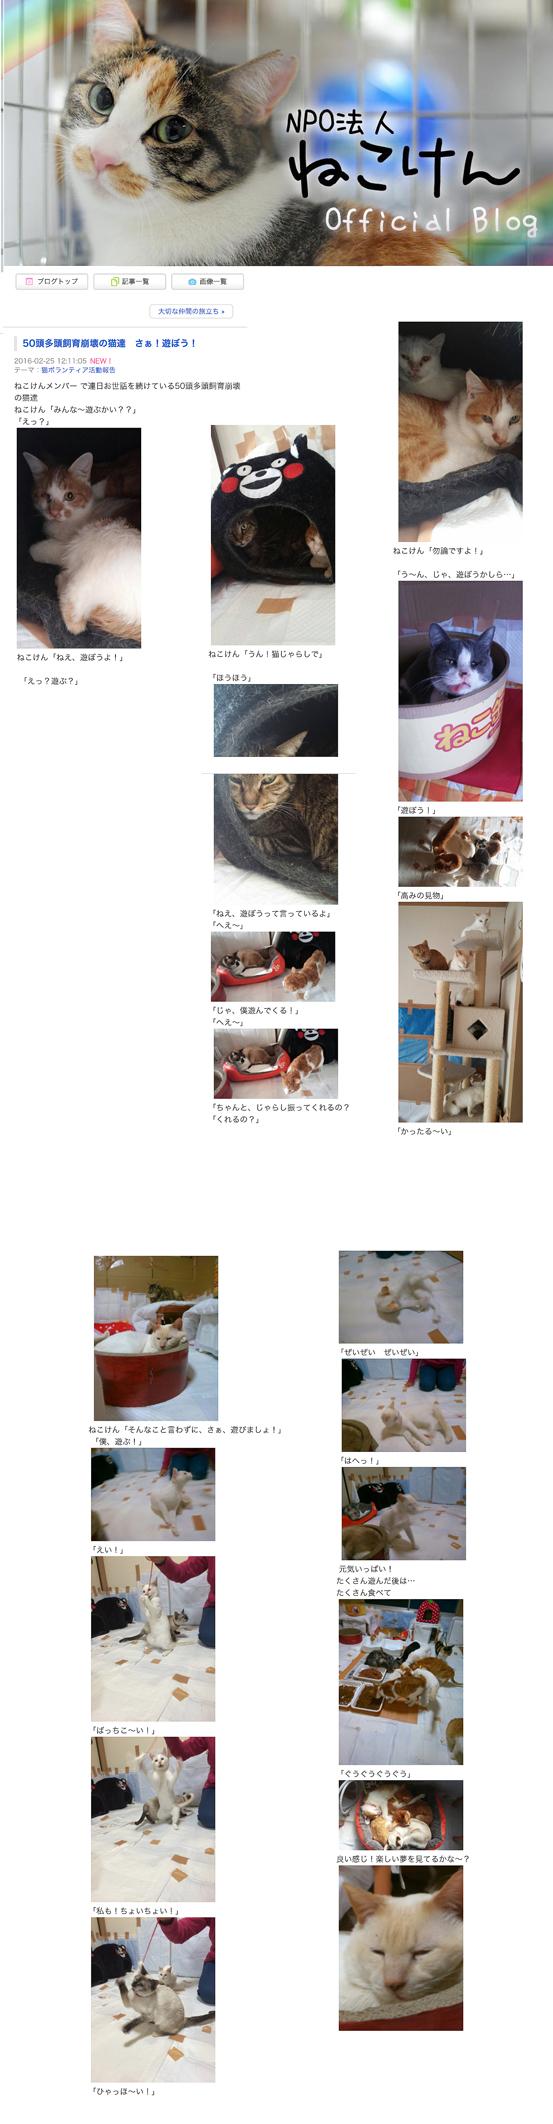 50頭多頭飼育崩壊の猫達 さぁ!遊ぼう! NPO法人ねこけん Official Blog-1